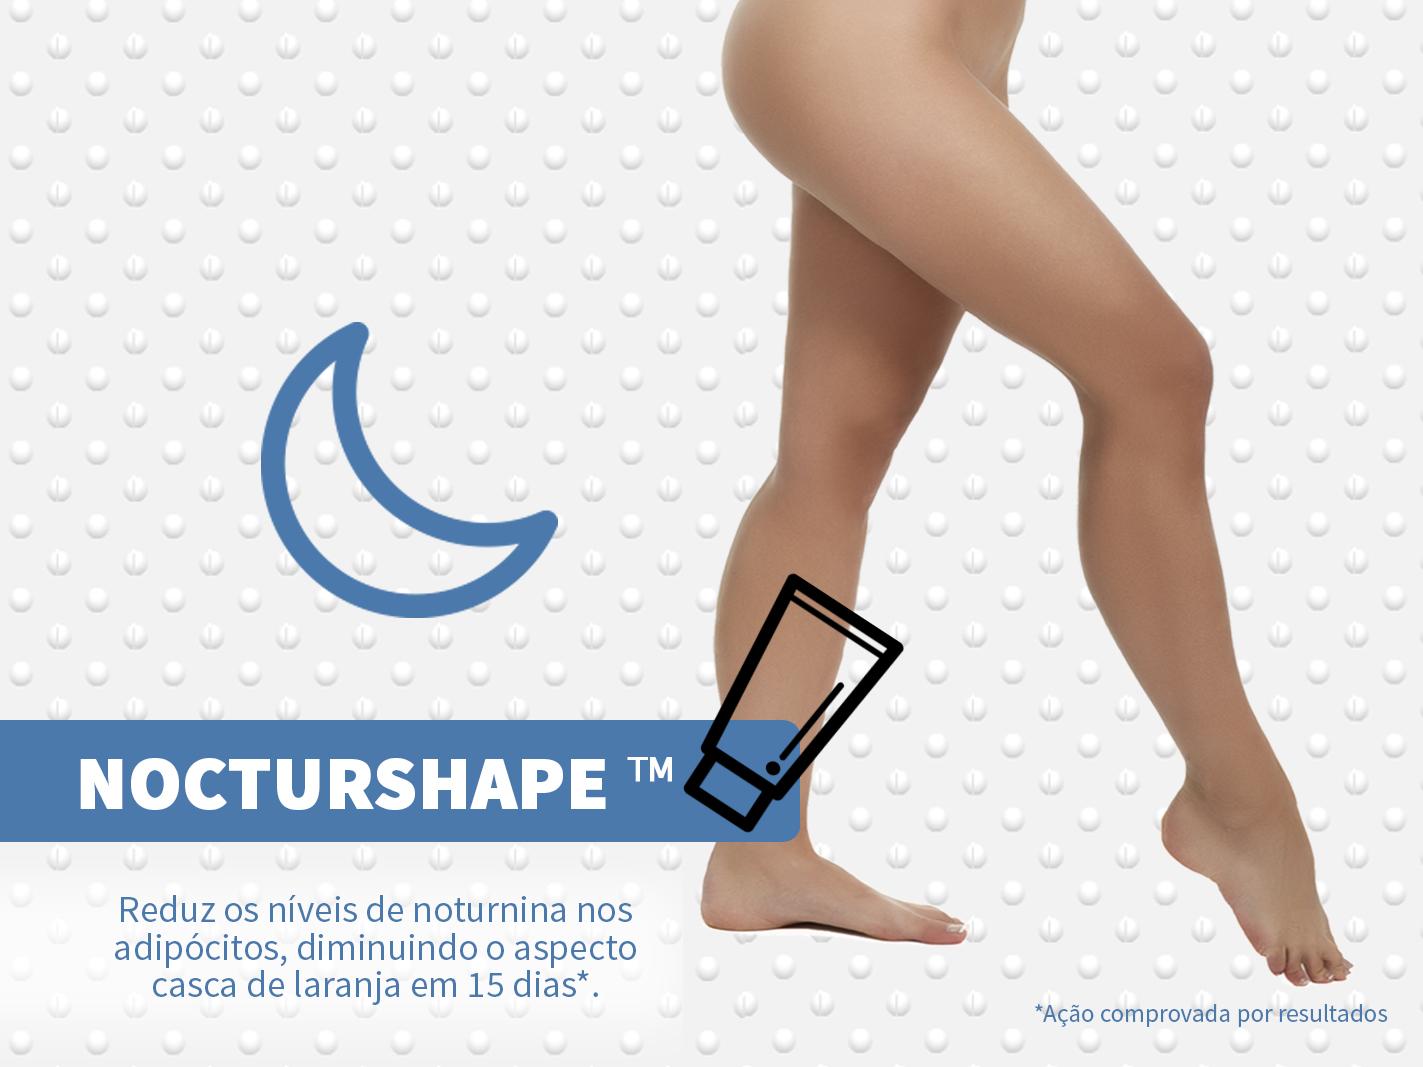 Nocturshape age na celulite no ritmo circadiano durante a noite